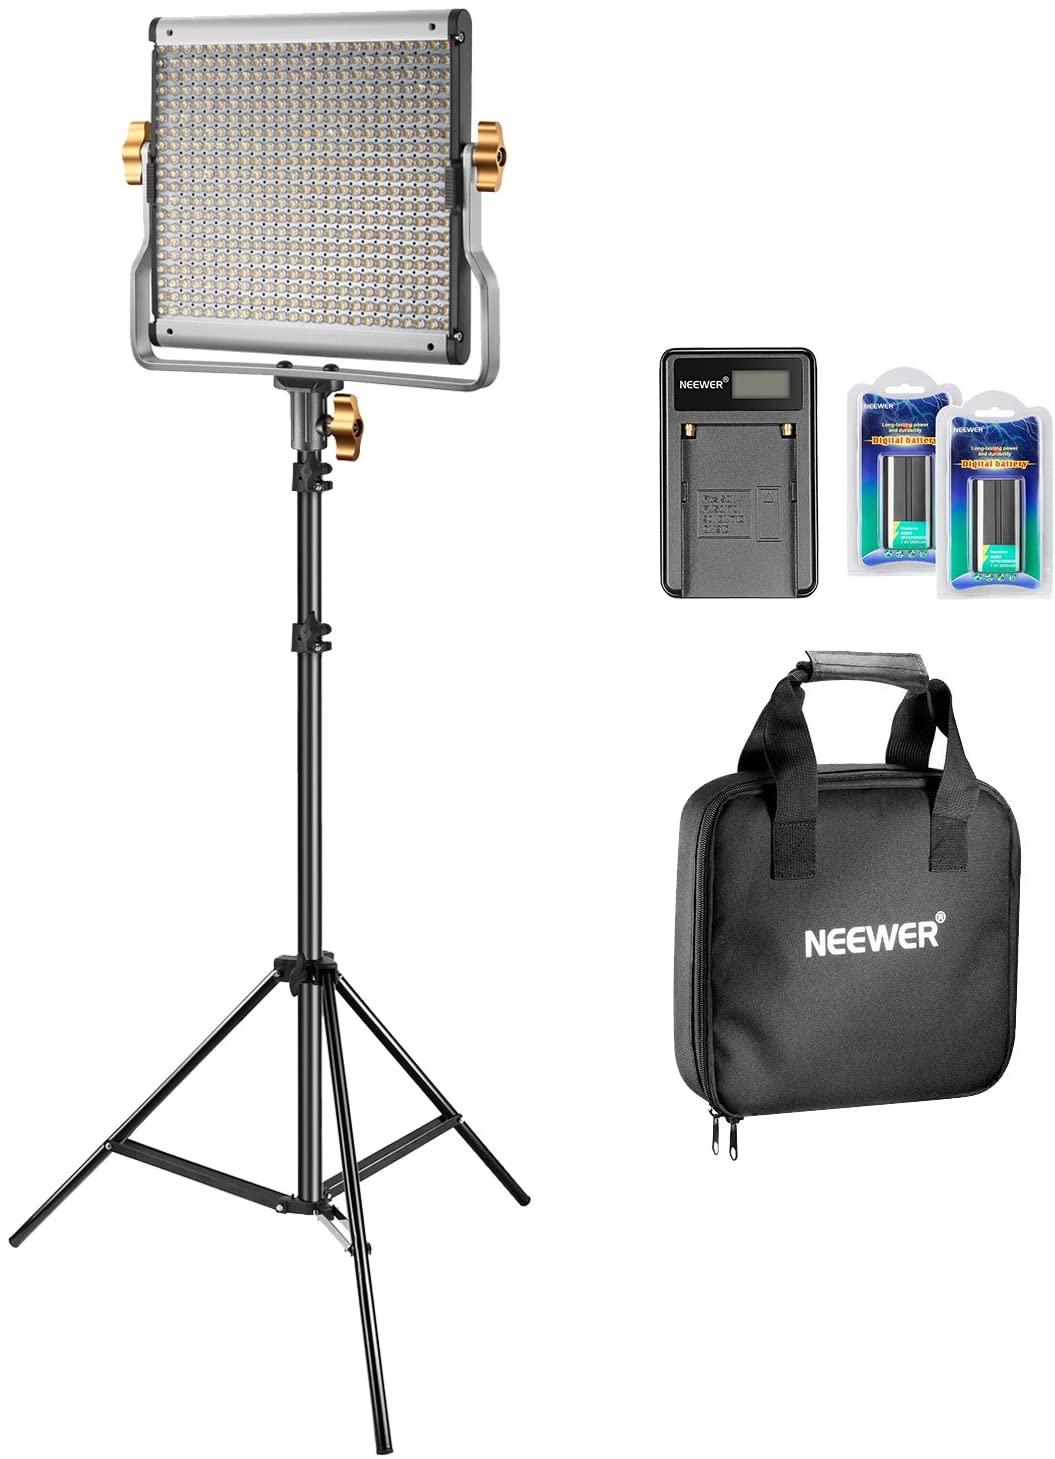 Neewer-Bi-color-LED-480